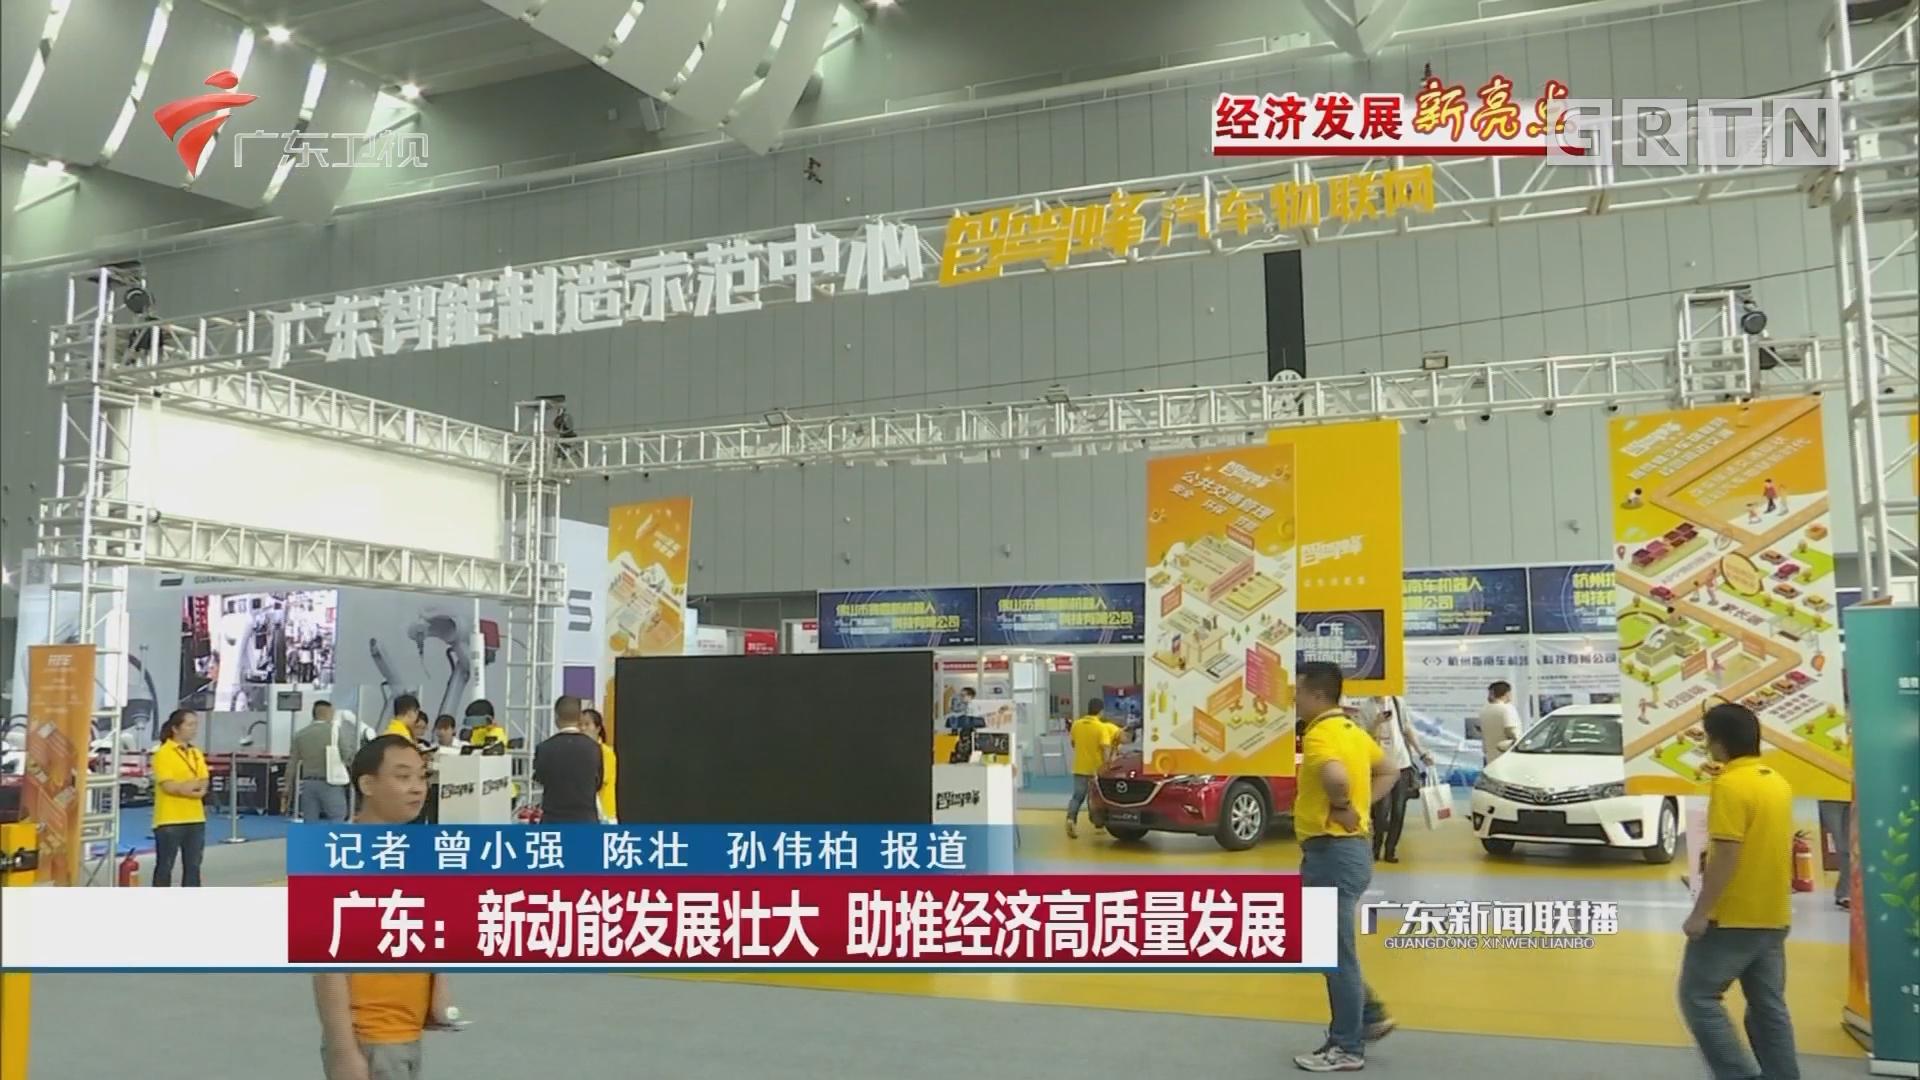 广东:新动能发展壮大 助推经济高质量发展